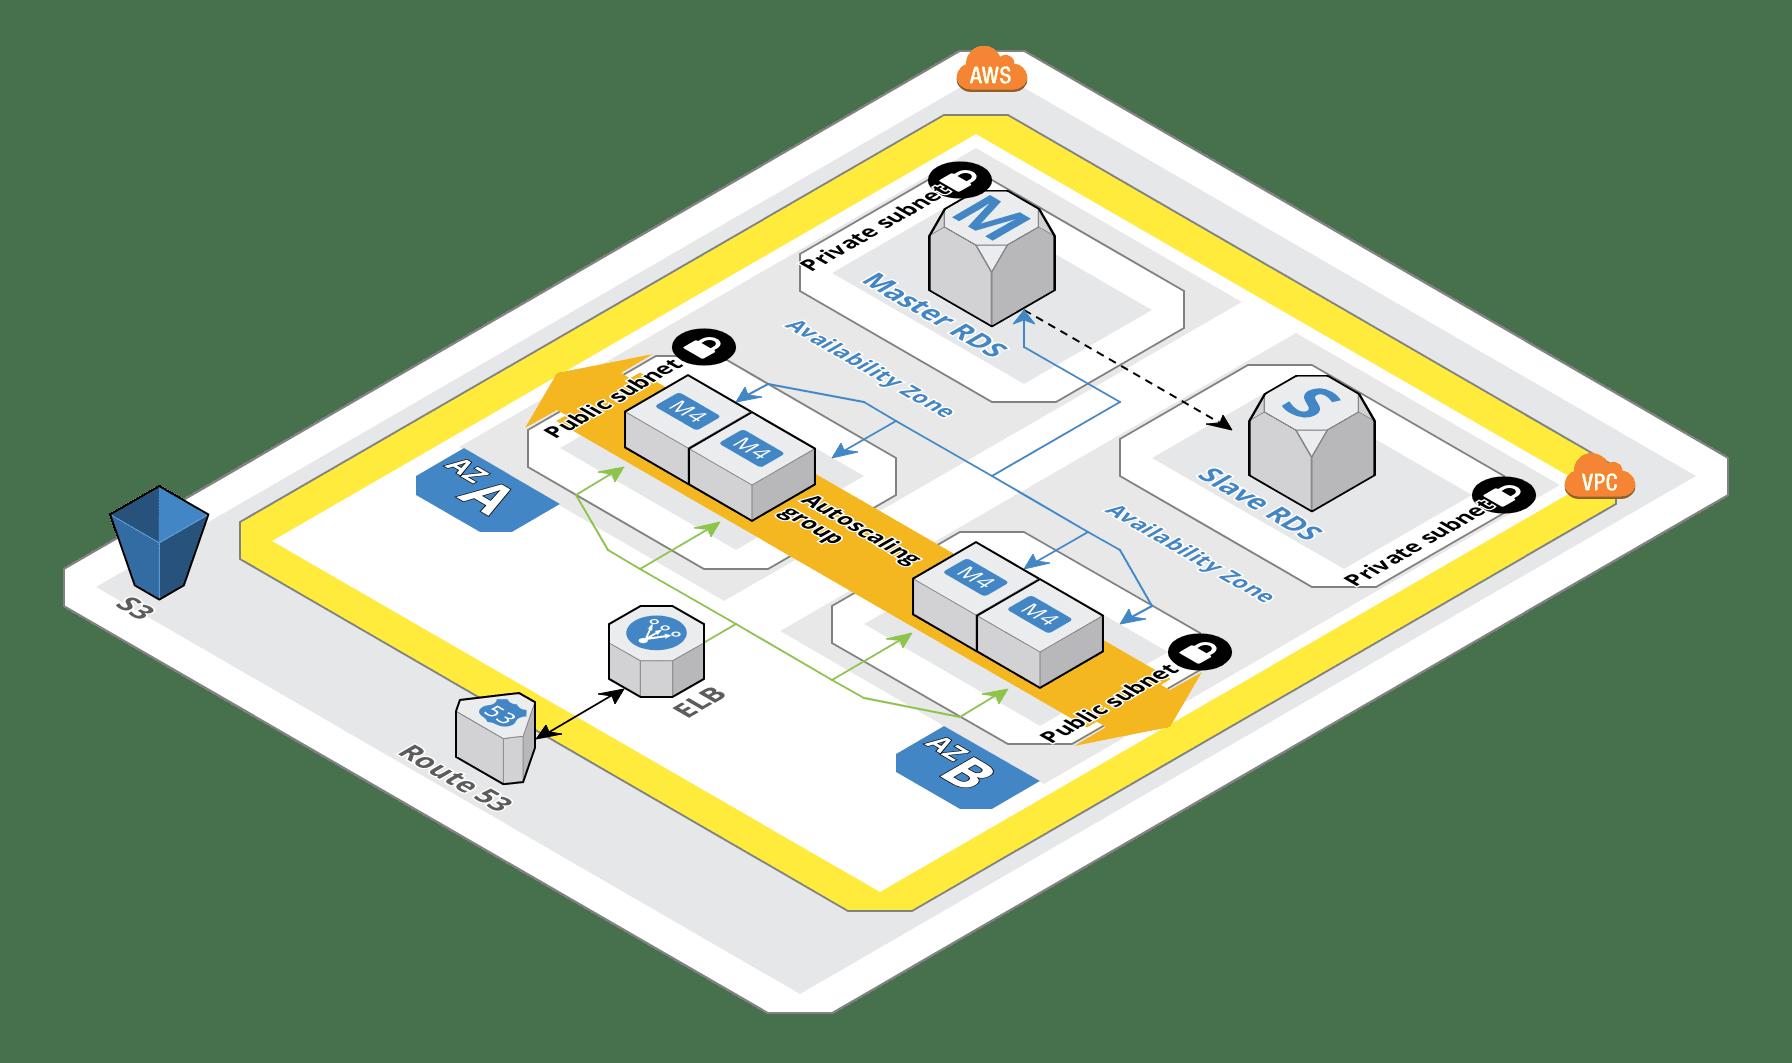 [Guía] Diseña una arquitectura de alta disponibilidad con AWS